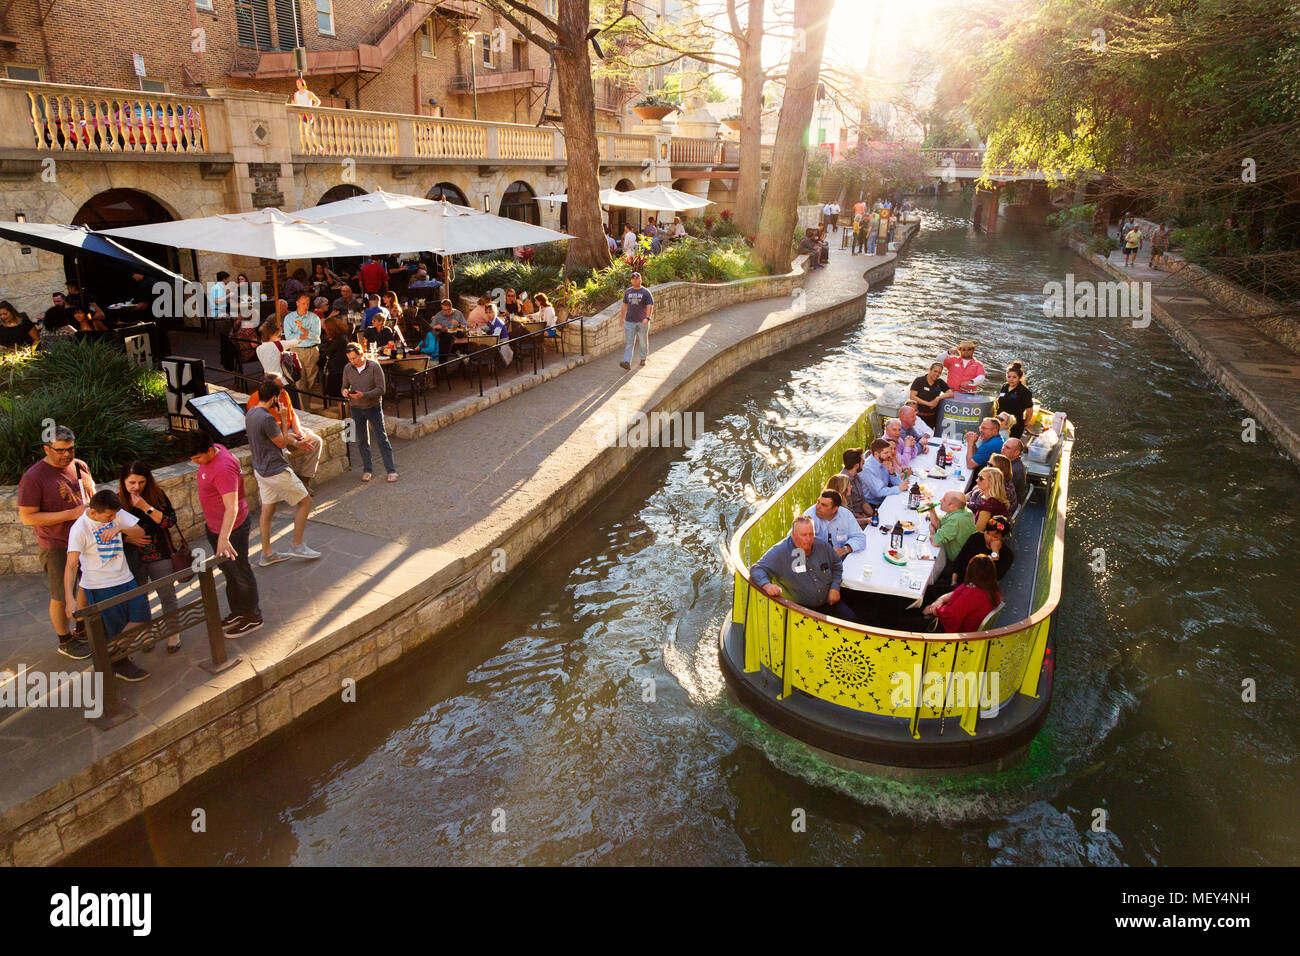 Die reisenden Speisen auf einem Schiff auf dem San Antonio River; San Antonio River Walk, San Antonio, Texas, USA Stockfoto